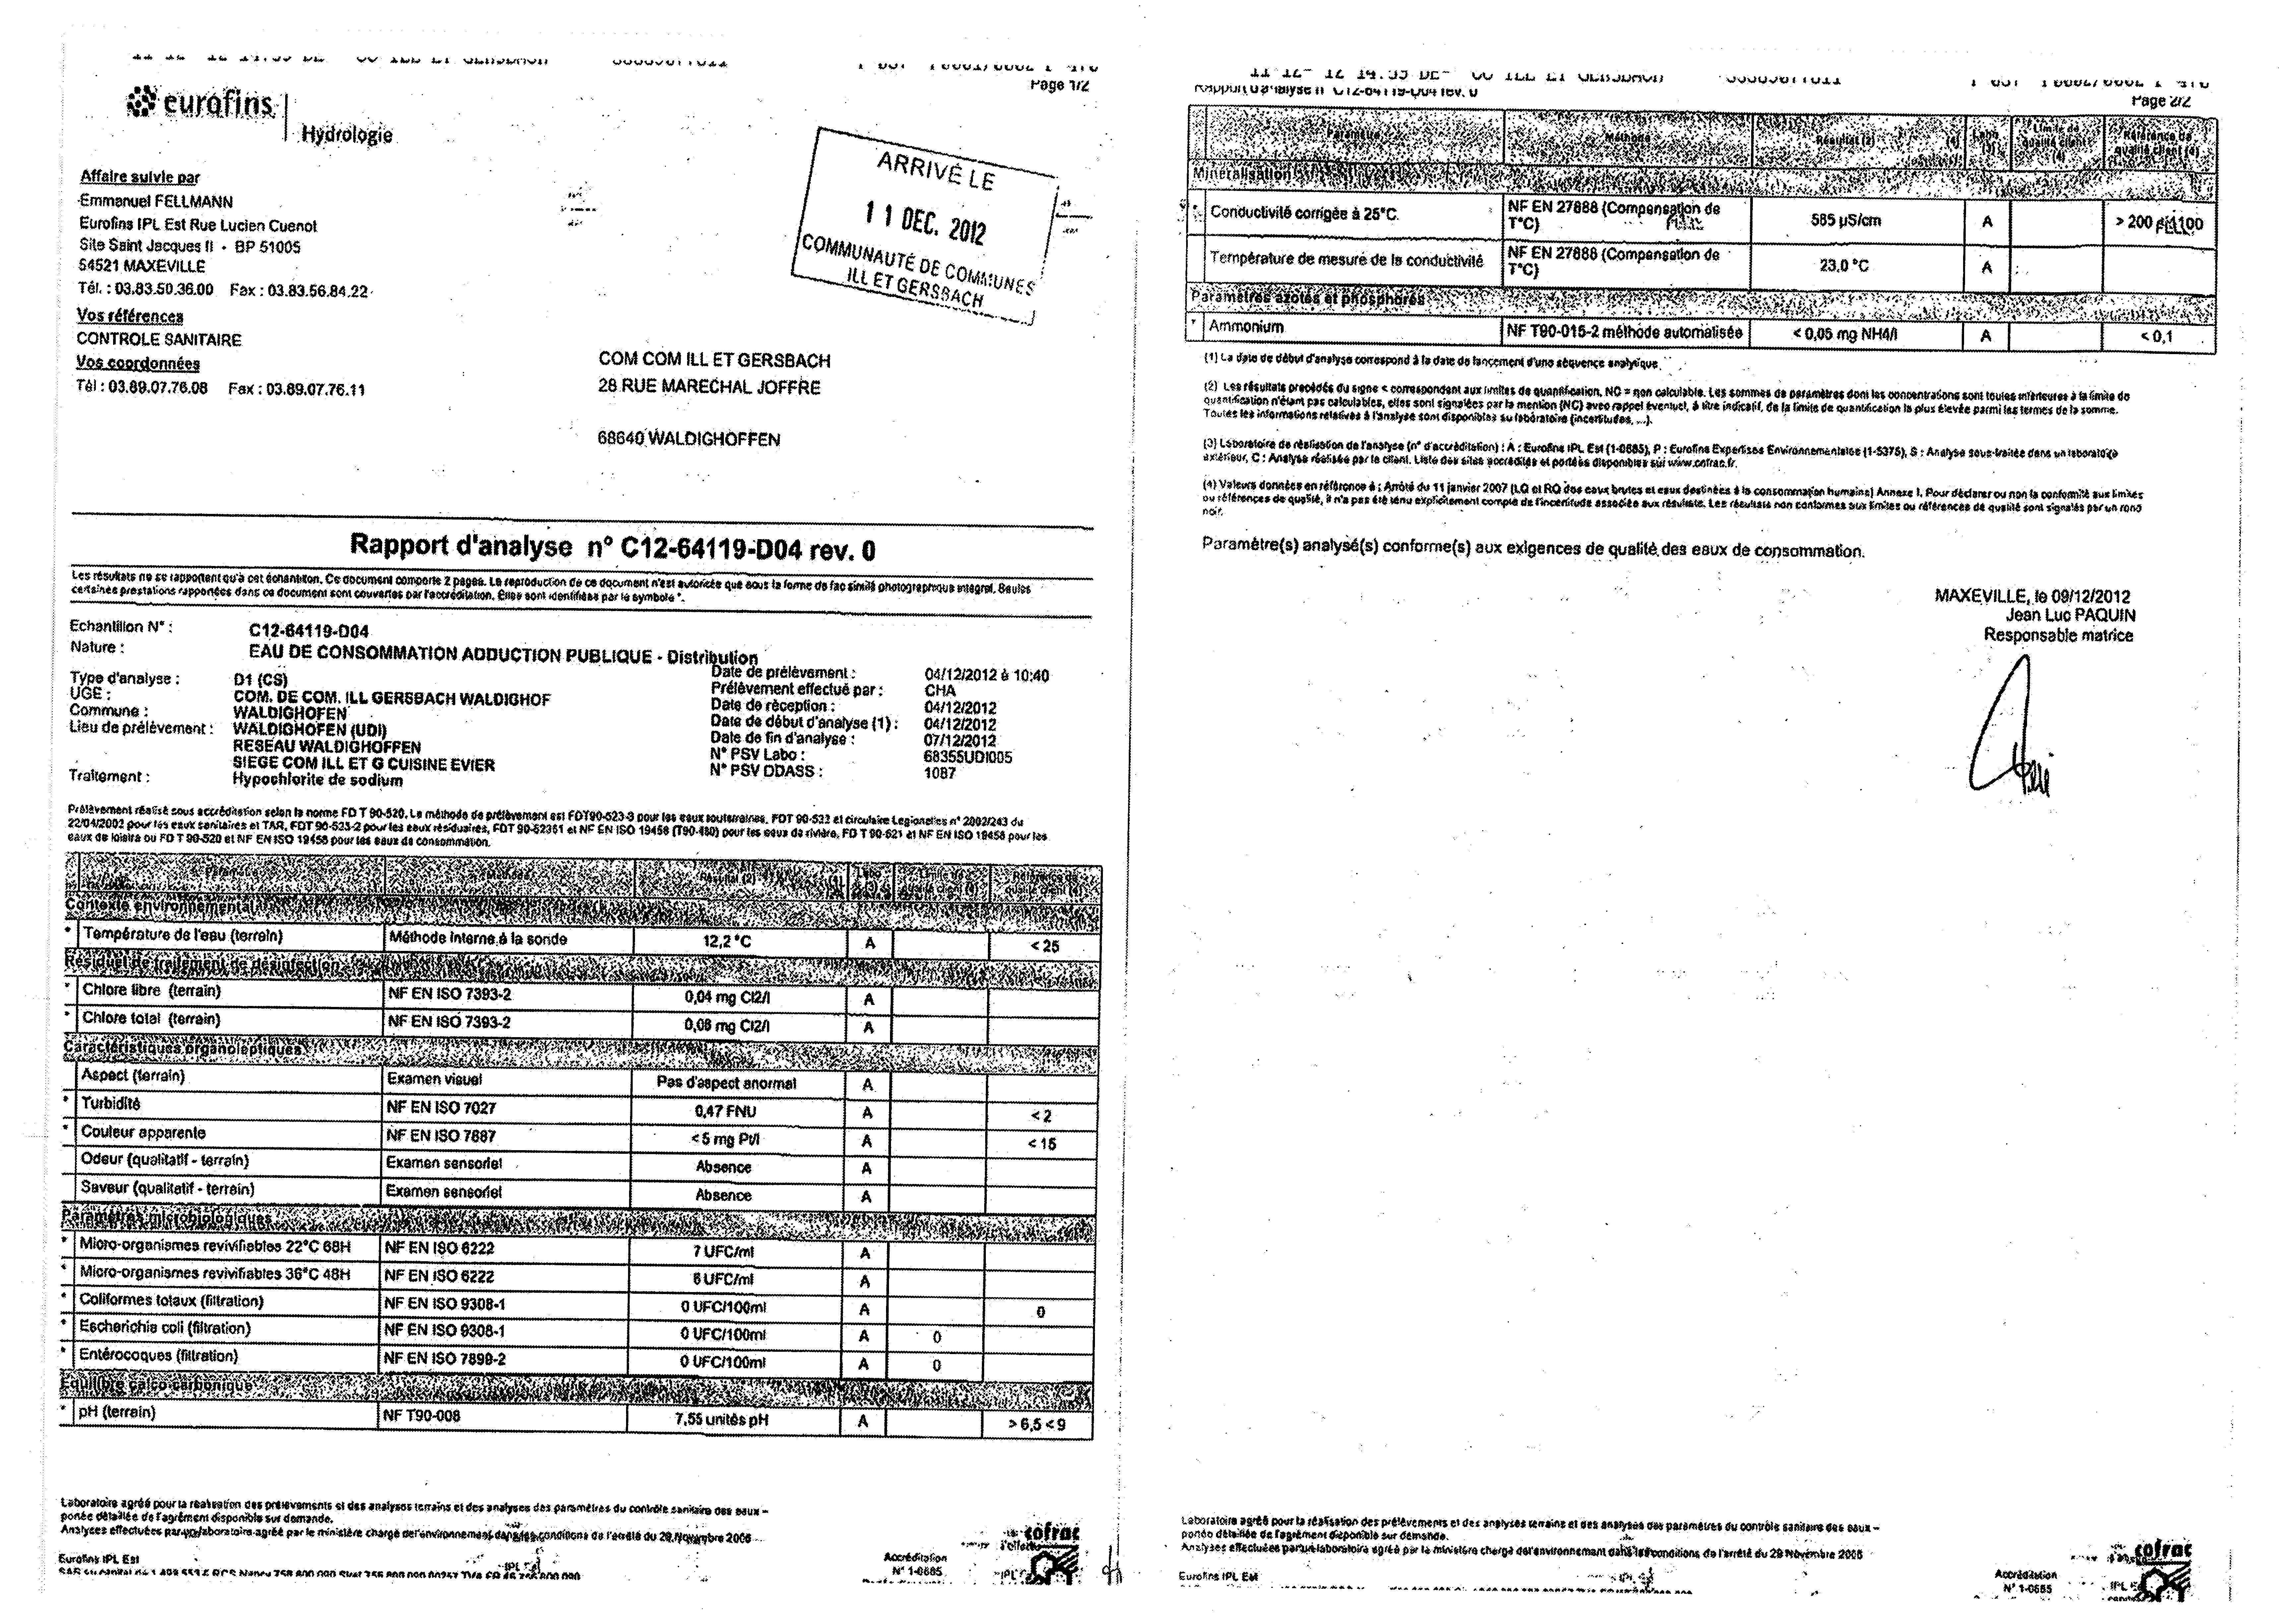 Rapport d'analyse d'eau potable n°C12-64119-D04 du 09/12/2012